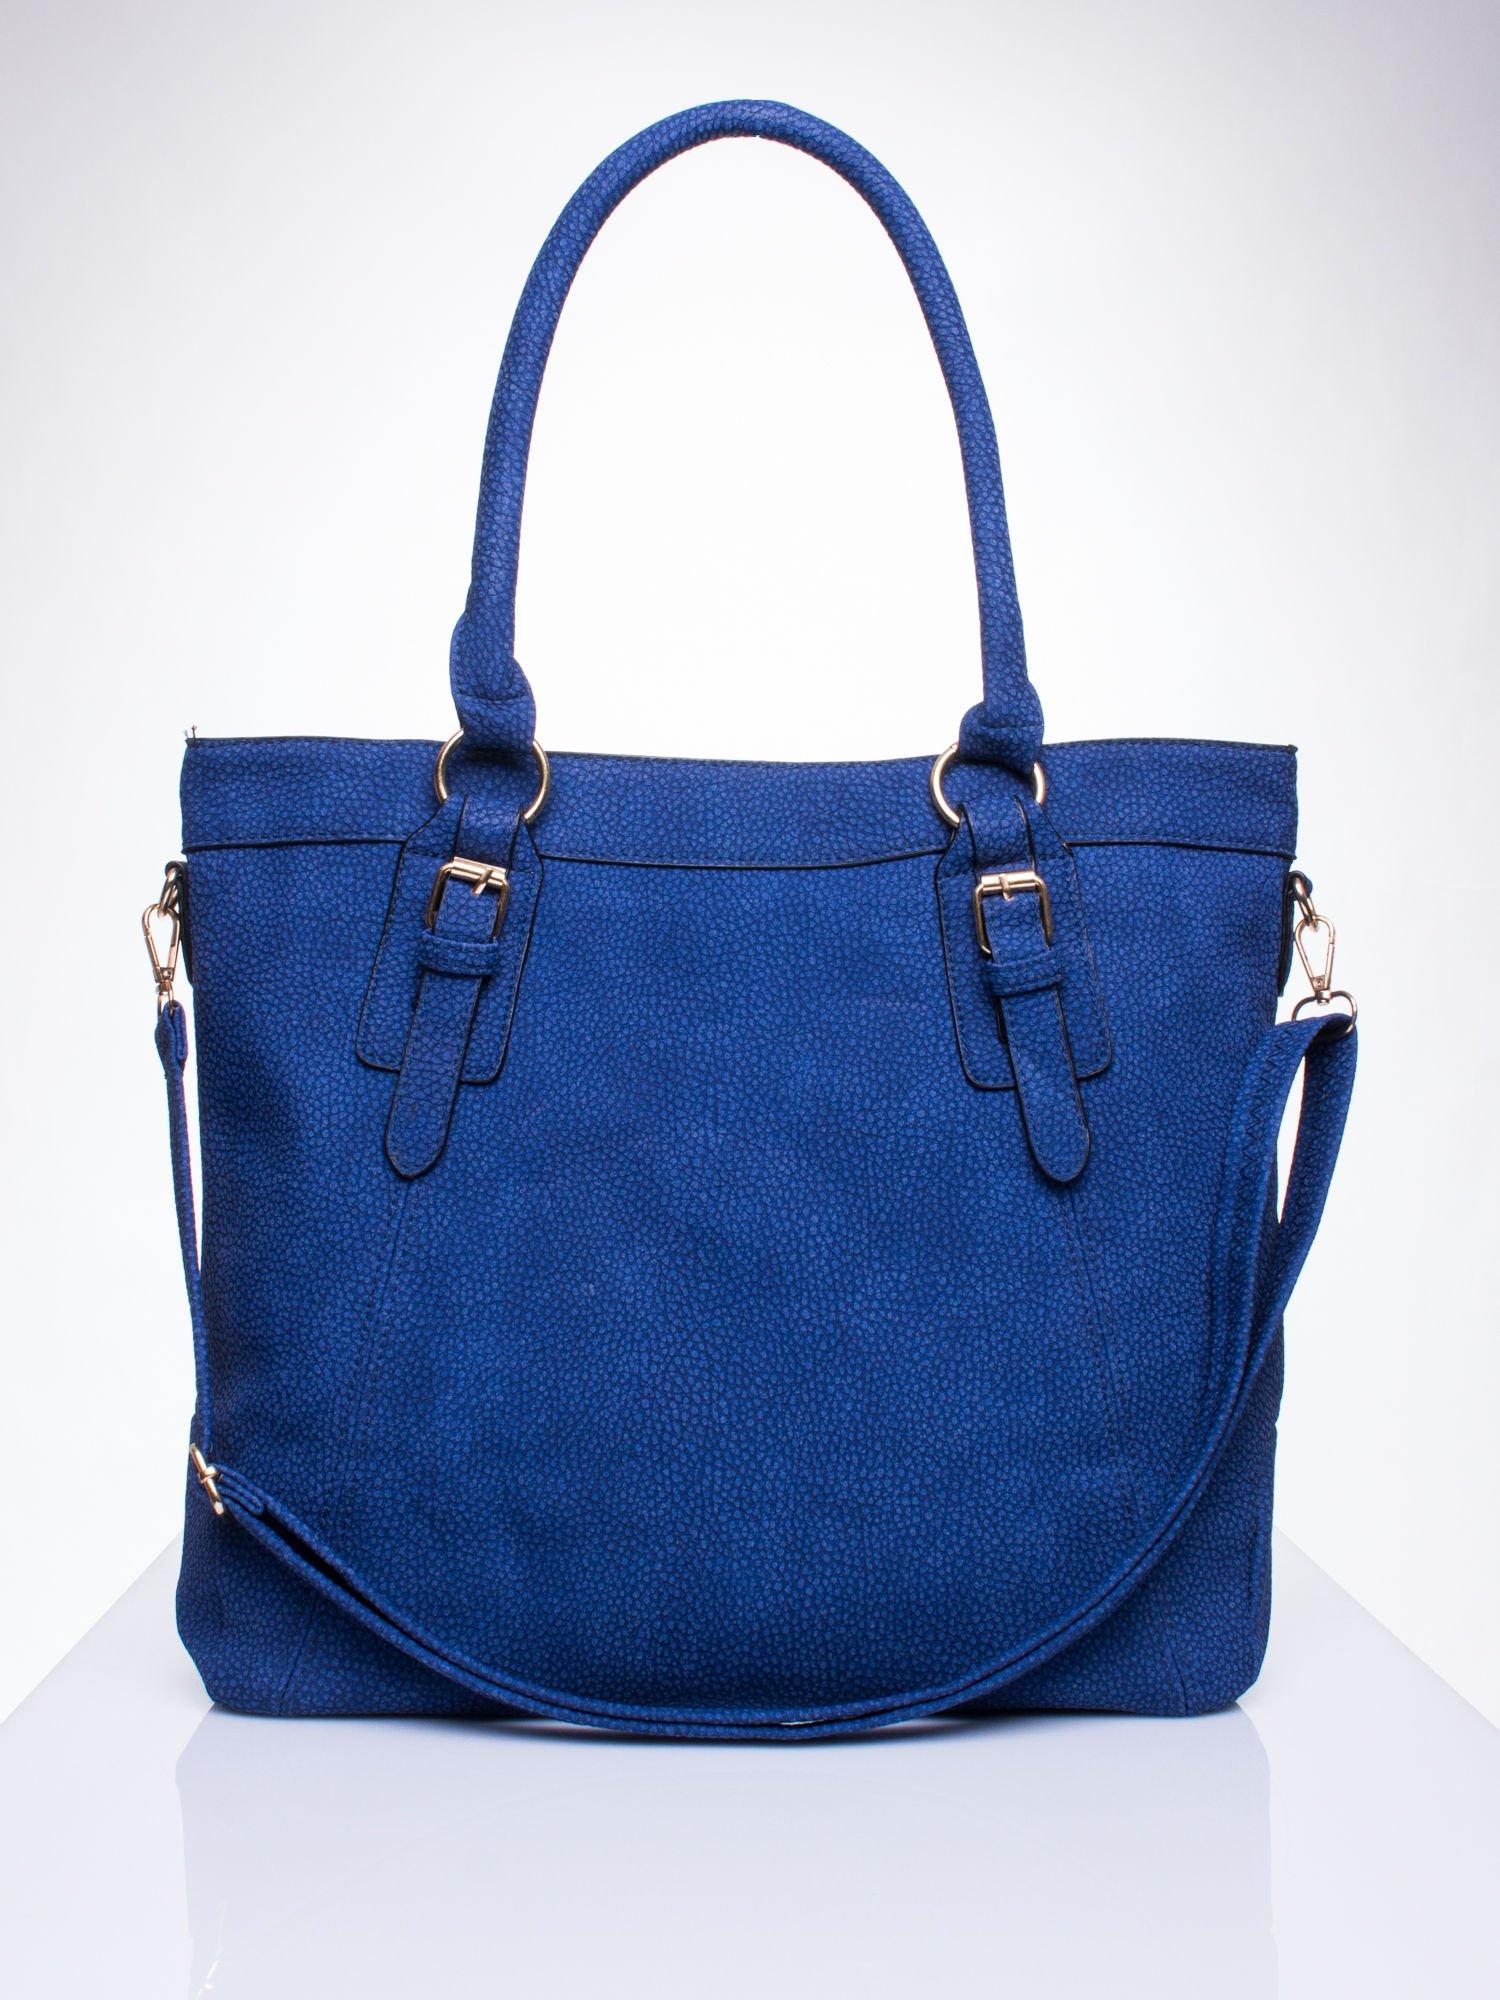 Niebieska fakturowana torebka z klamerkami                                  zdj.                                  1